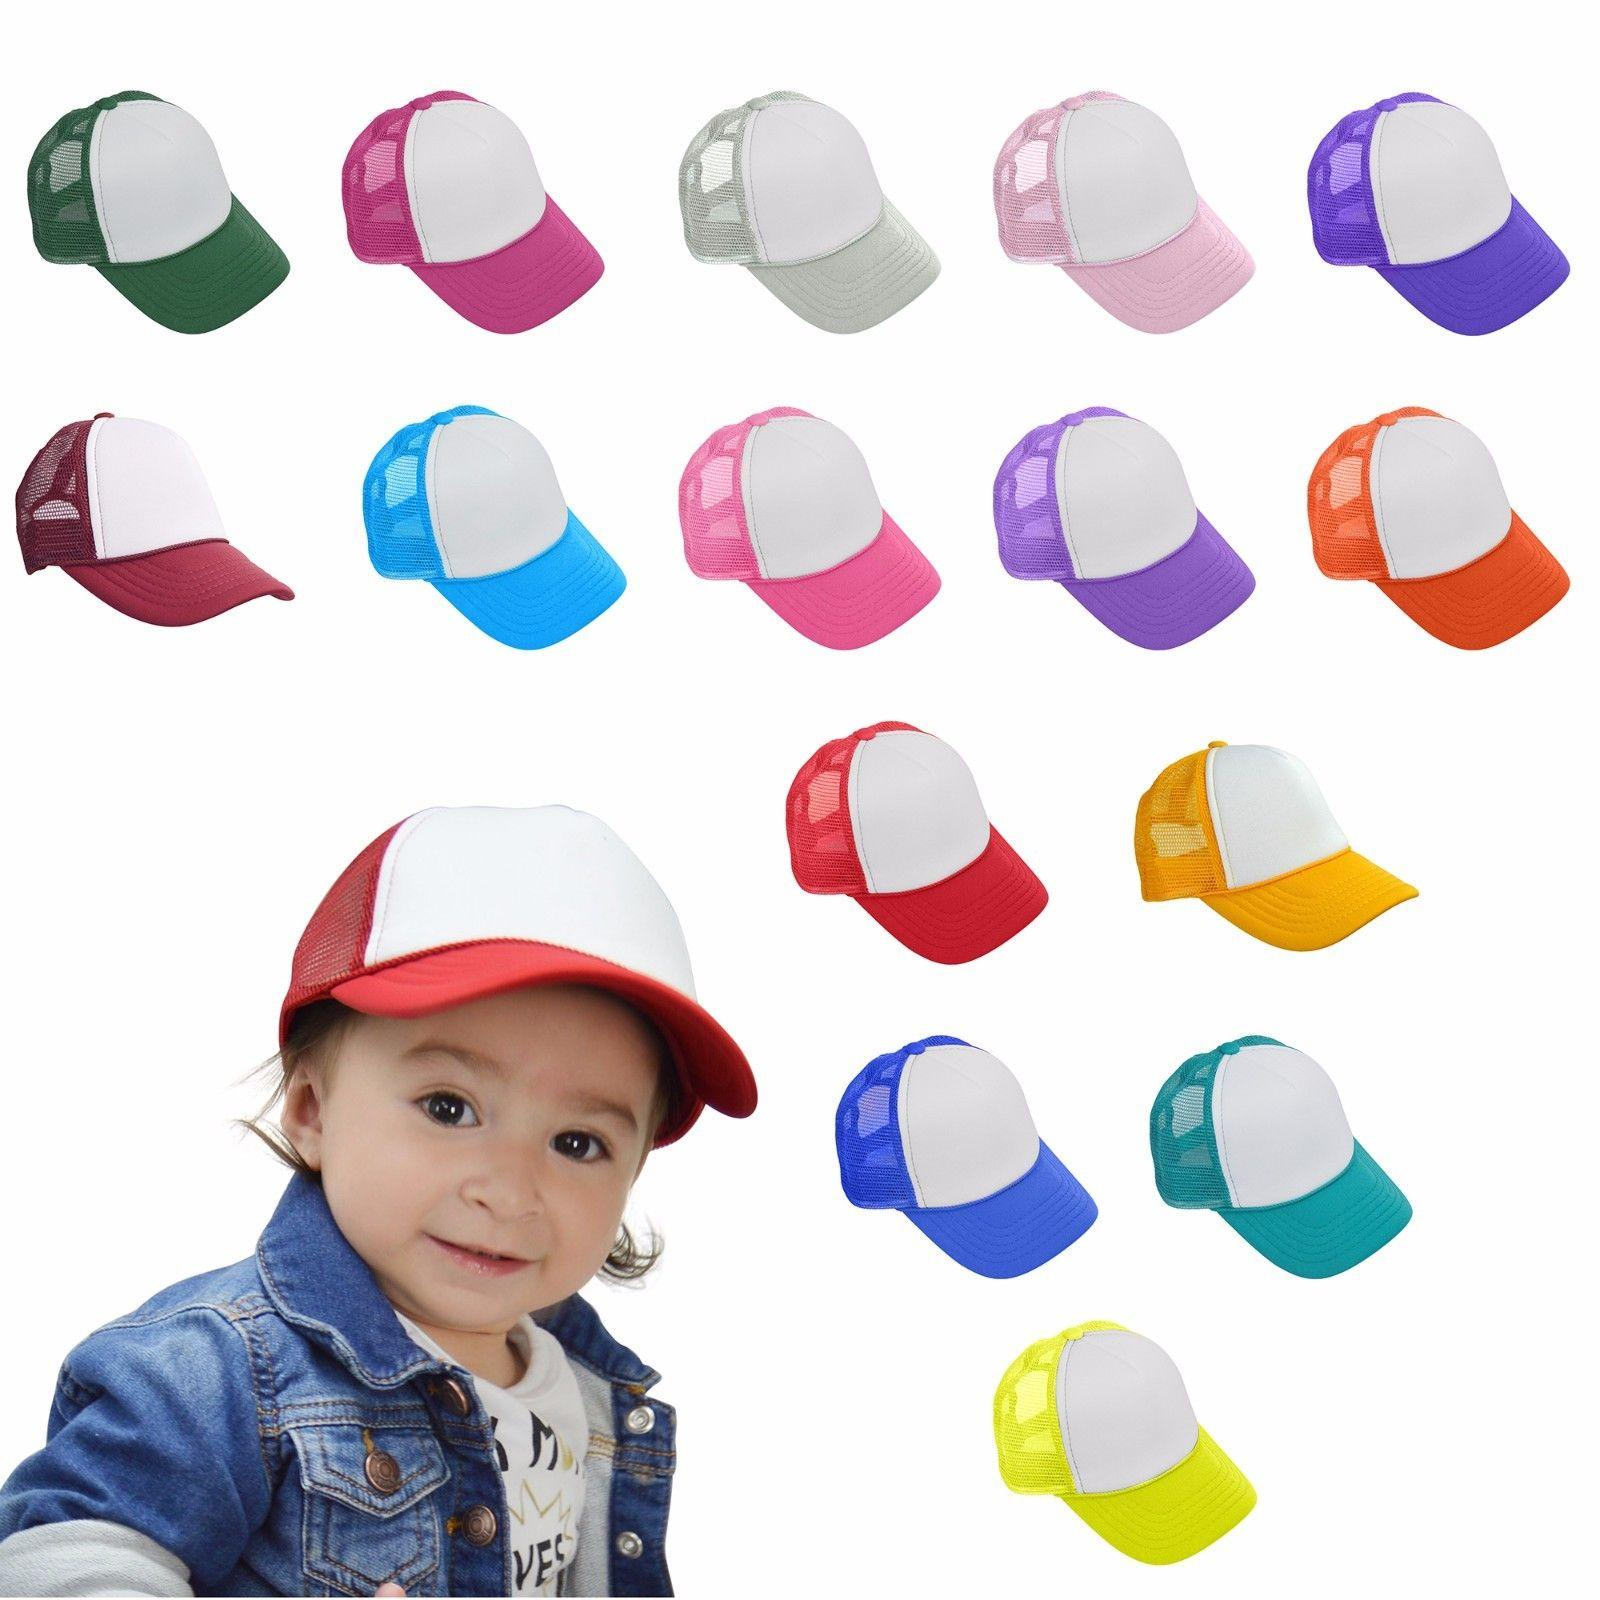 15 colori per bambini berretto da baseball per adulti berretti di maglia cappelli camionista vuoti cappelli snapback cappellini per bambini ragazze ragazzi gga326